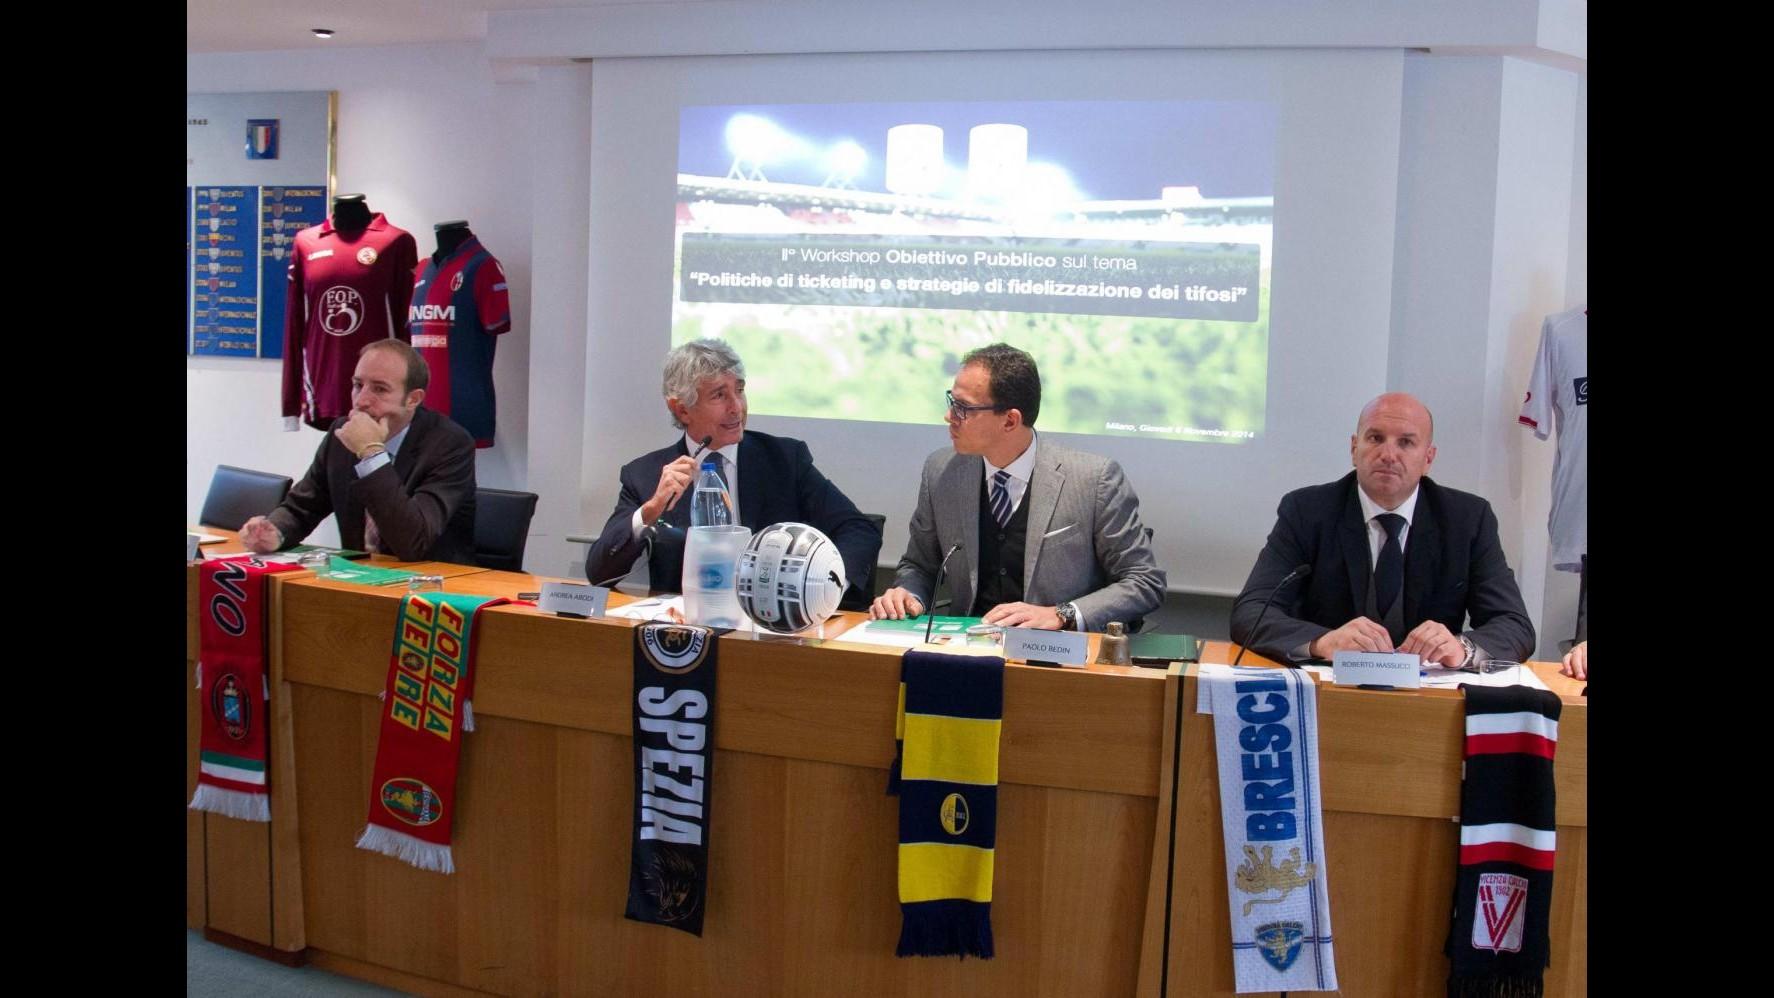 Serie B punta a nuovi tifosi. Abodi: 100mila presenze in più allo stadio traguardo possibile